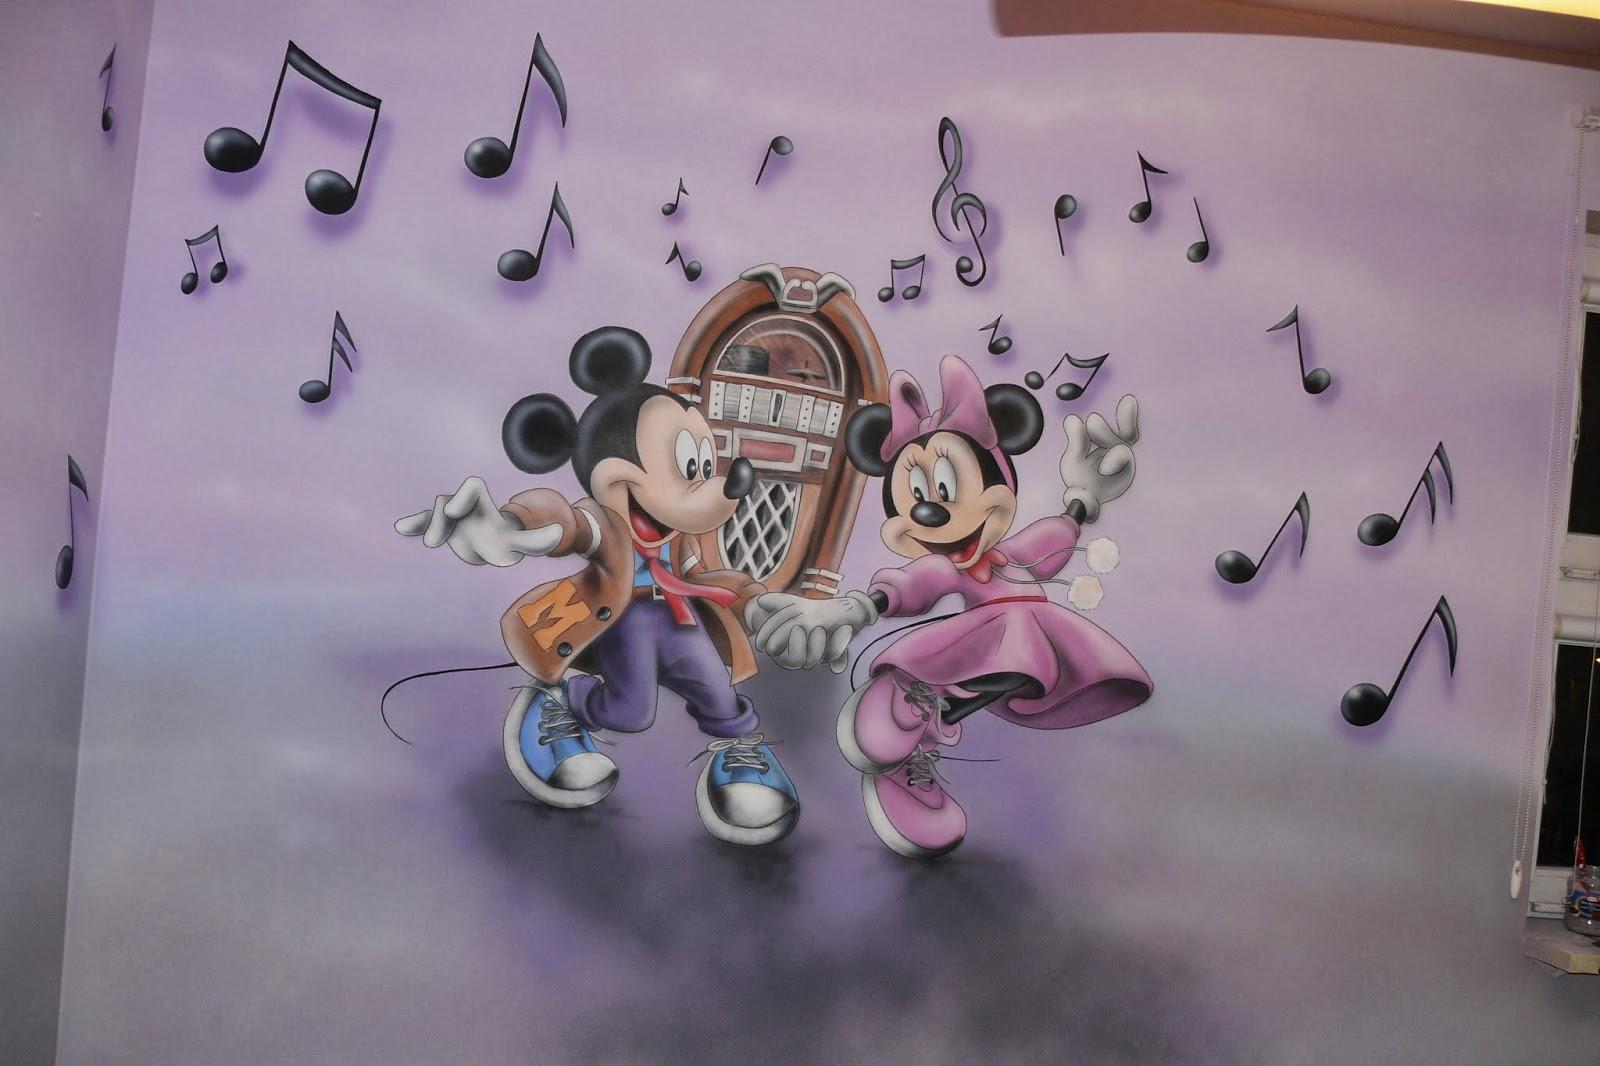 Malowanie obrazu na ścianie w pokoju dziecięcym przedstawiający myszkę micki